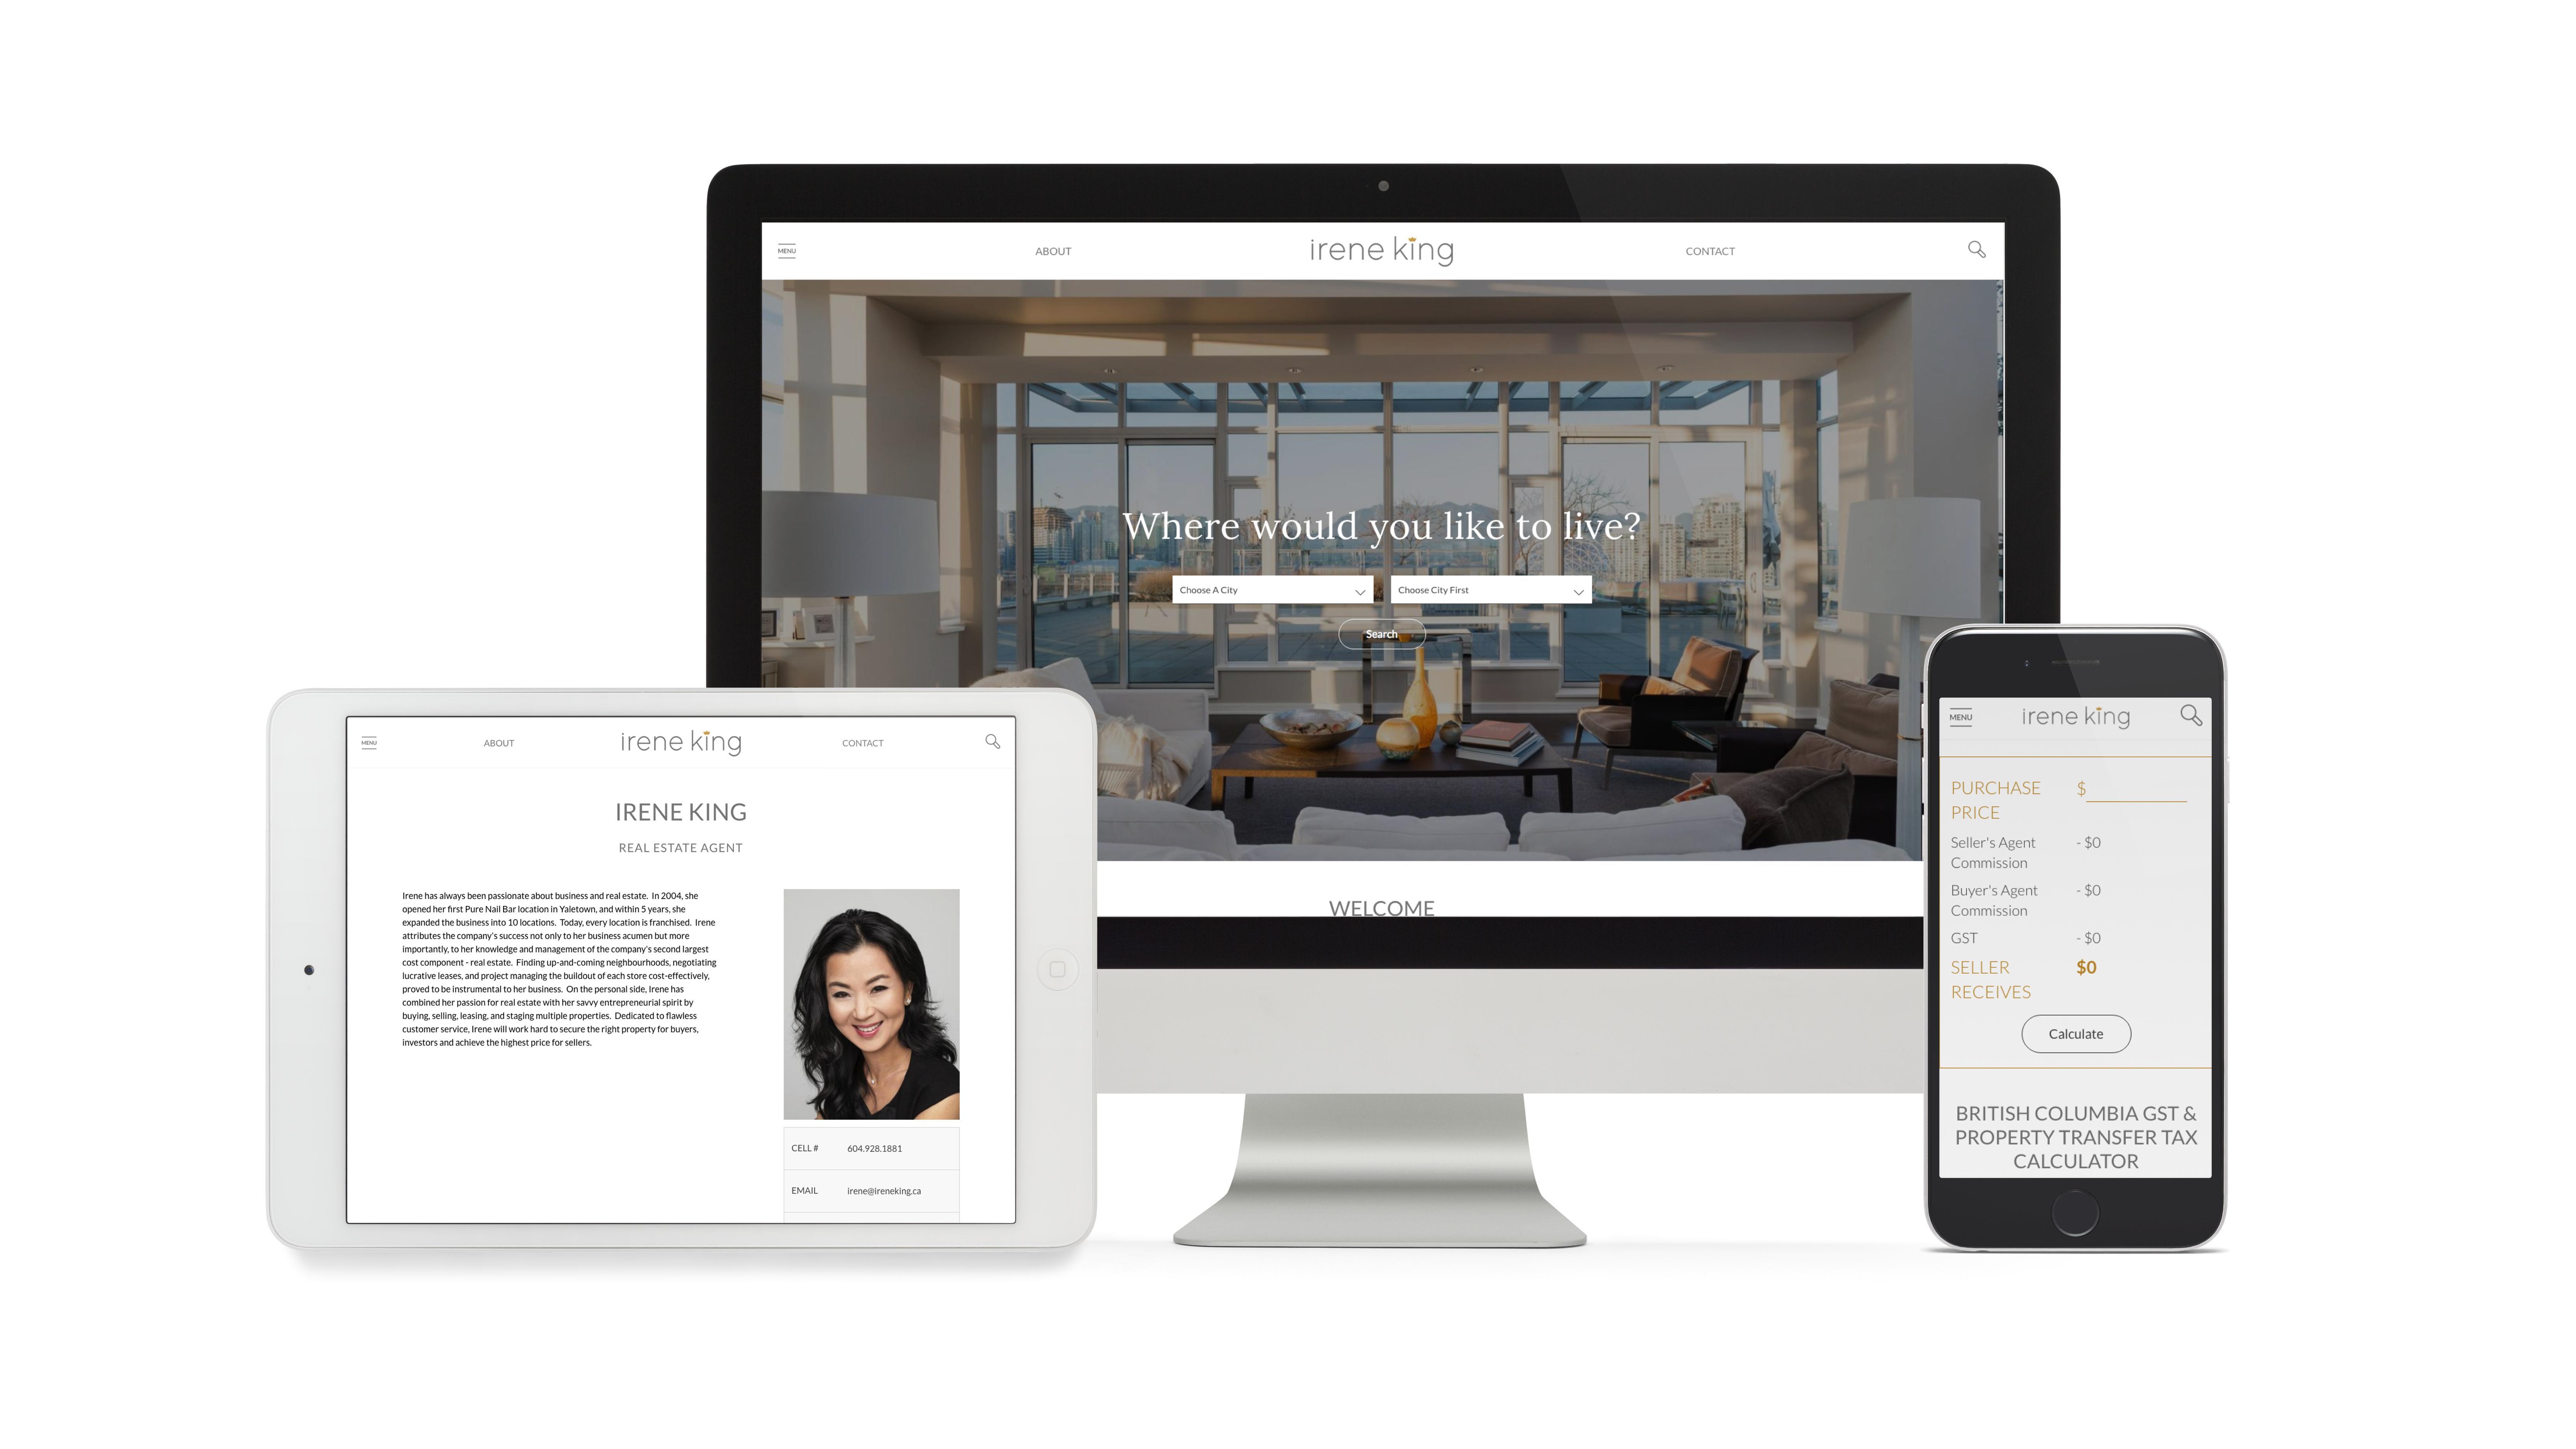 Mobile-Responsive Web Presence + Social Media